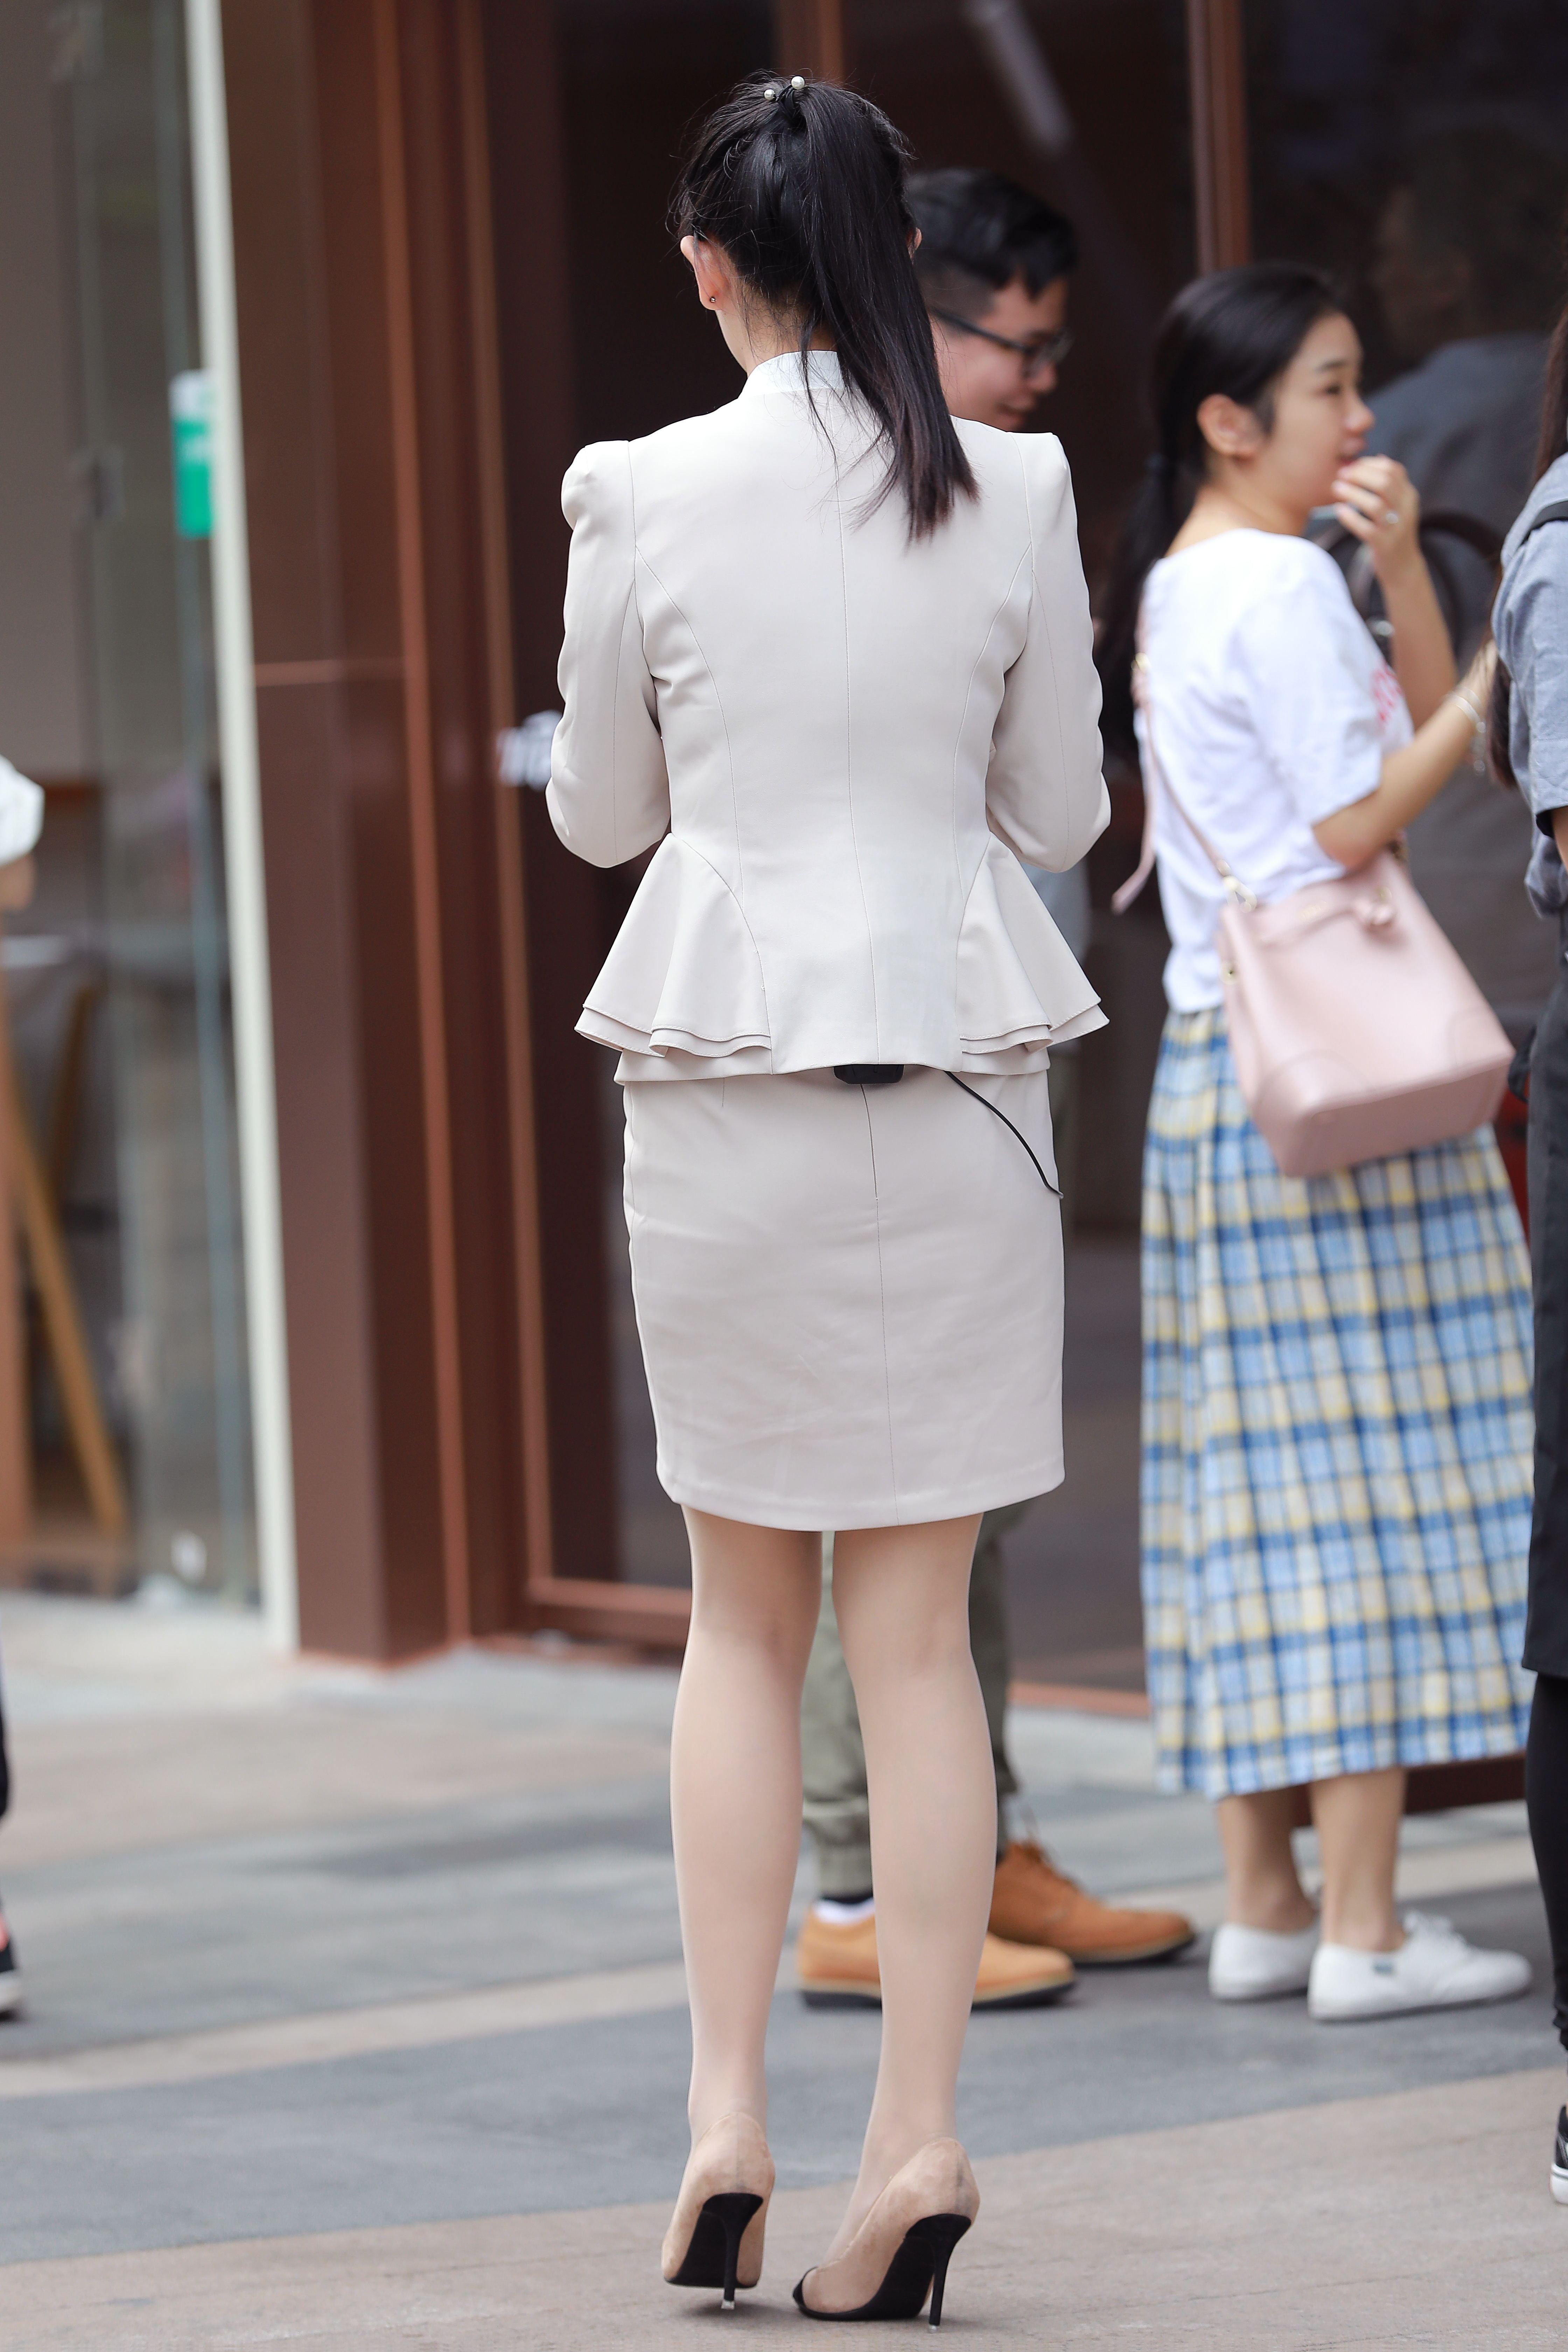 街拍ol职业装美女_街拍联盟:早晨去上班的肉丝美女白领,职业装很新颖